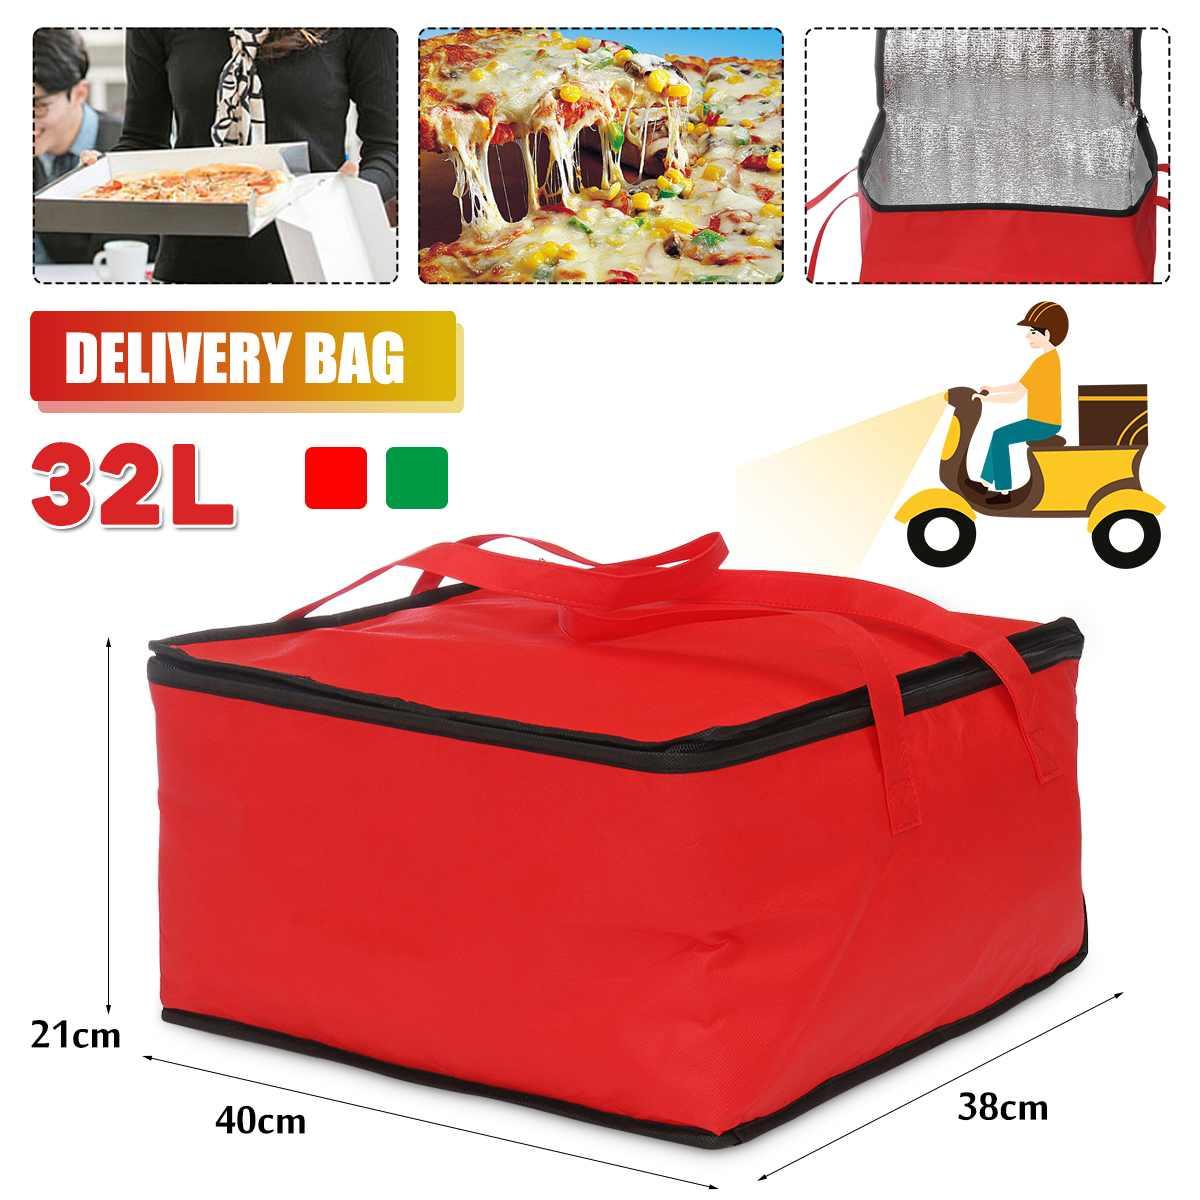 32l saco isolado à prova d32água almoço saco refrigerador isolamento dobrável piquenique portátil pacote de gelo comida térmica entrega de alimentos saco pizza